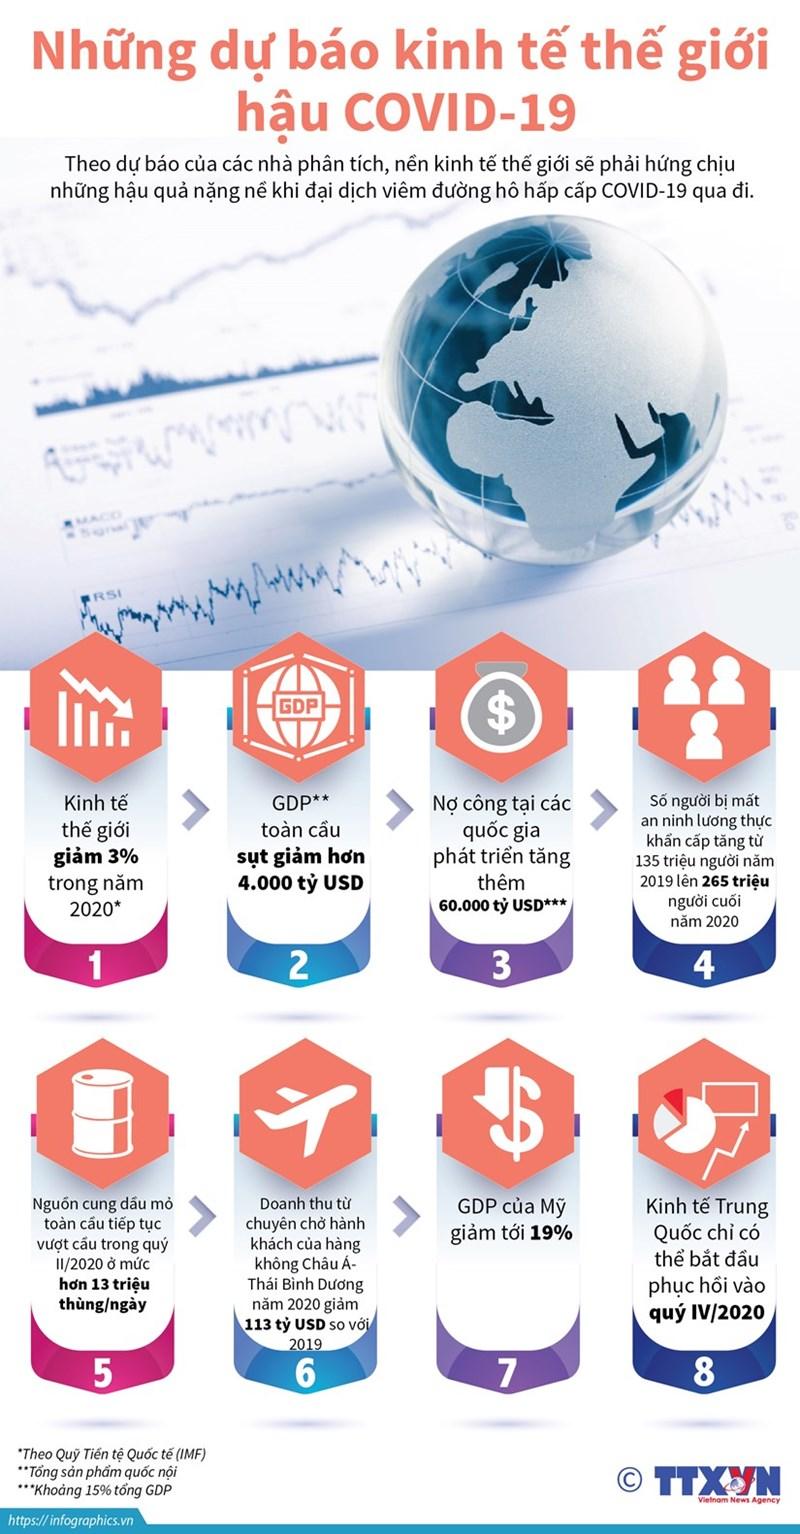 Những dự báo kinh tế thế giới hậu COVID-19